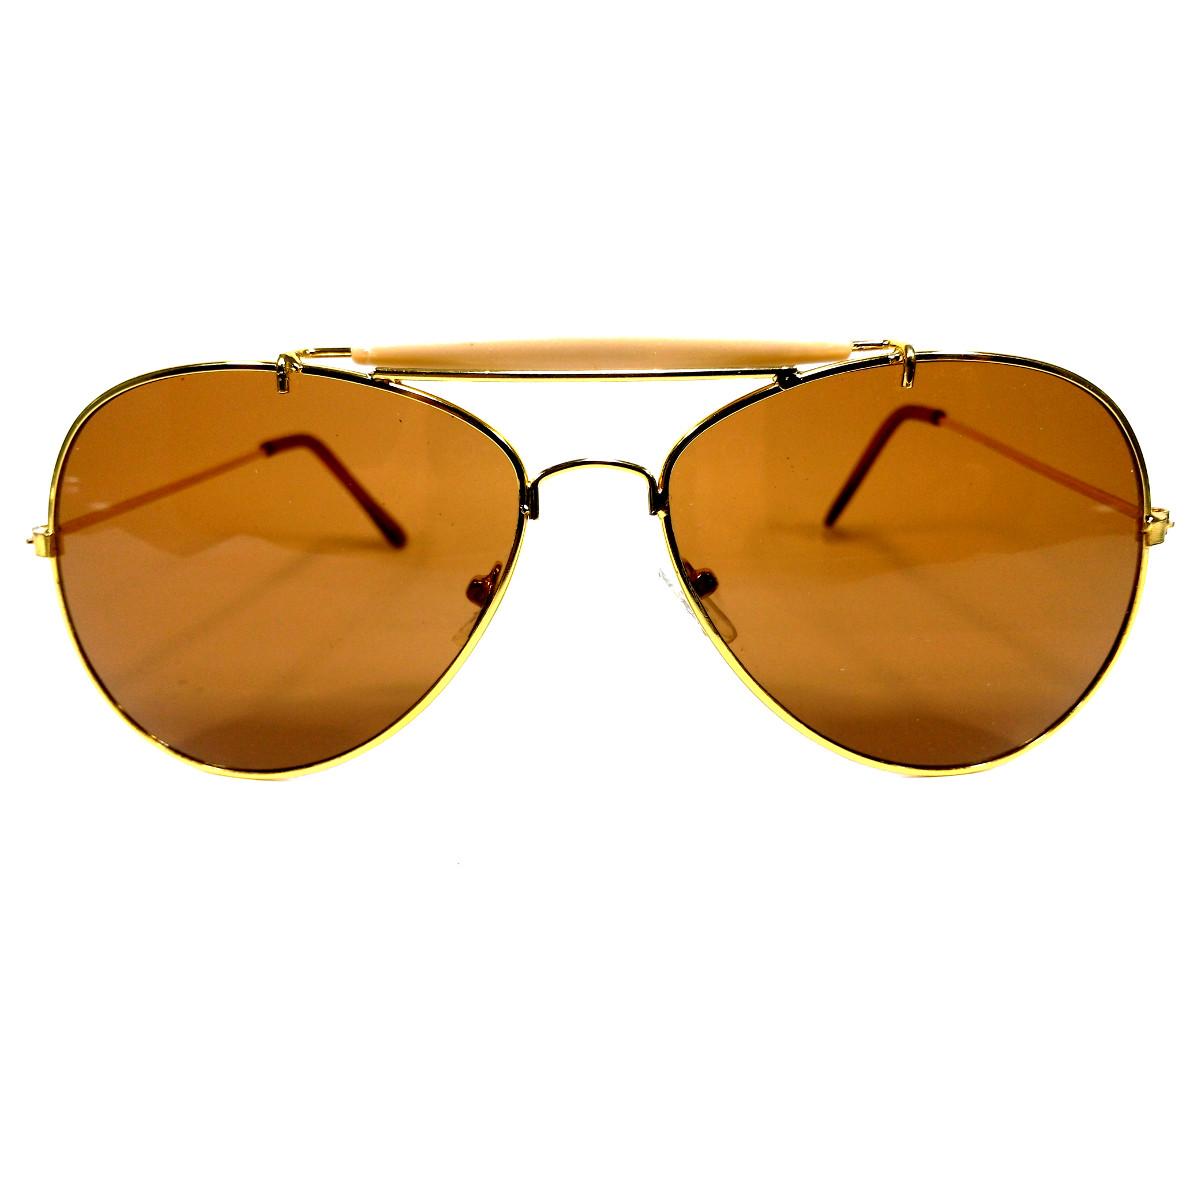 แว่นกันแดด แฟชั่น GOLD&BROWN